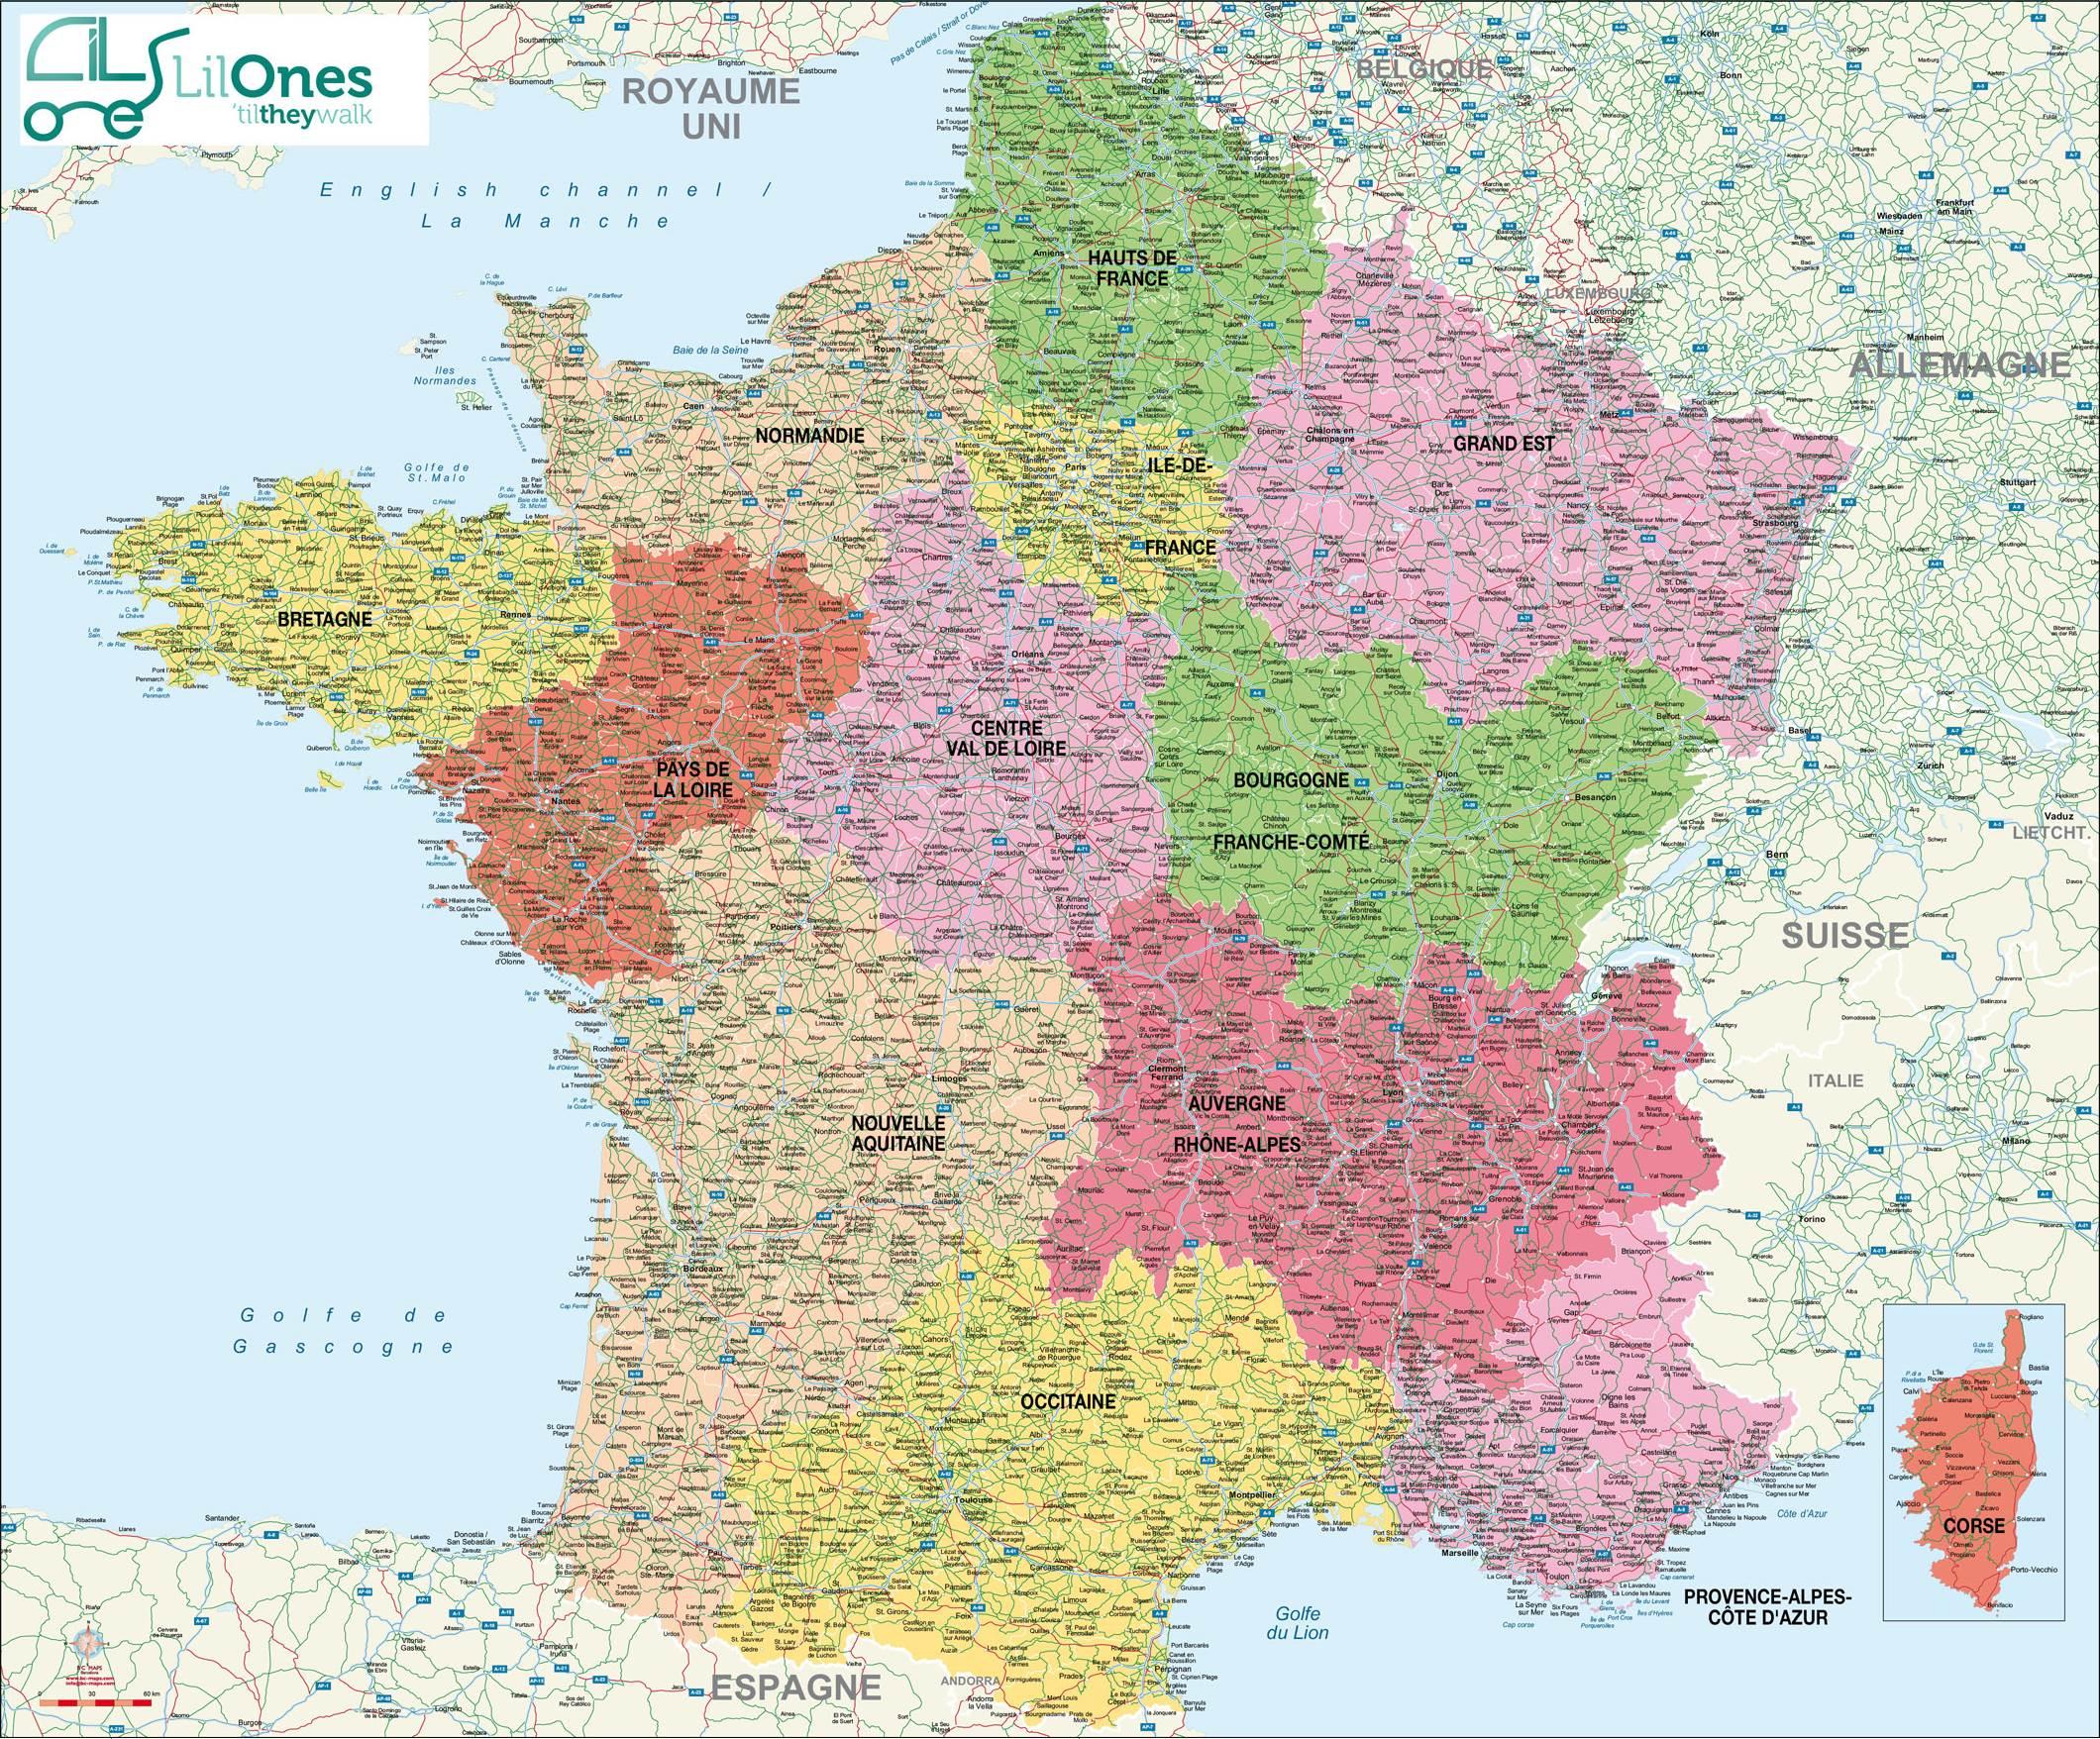 Carte France Villes : Carte Des Villes De France concernant Imprimer Une Carte De France